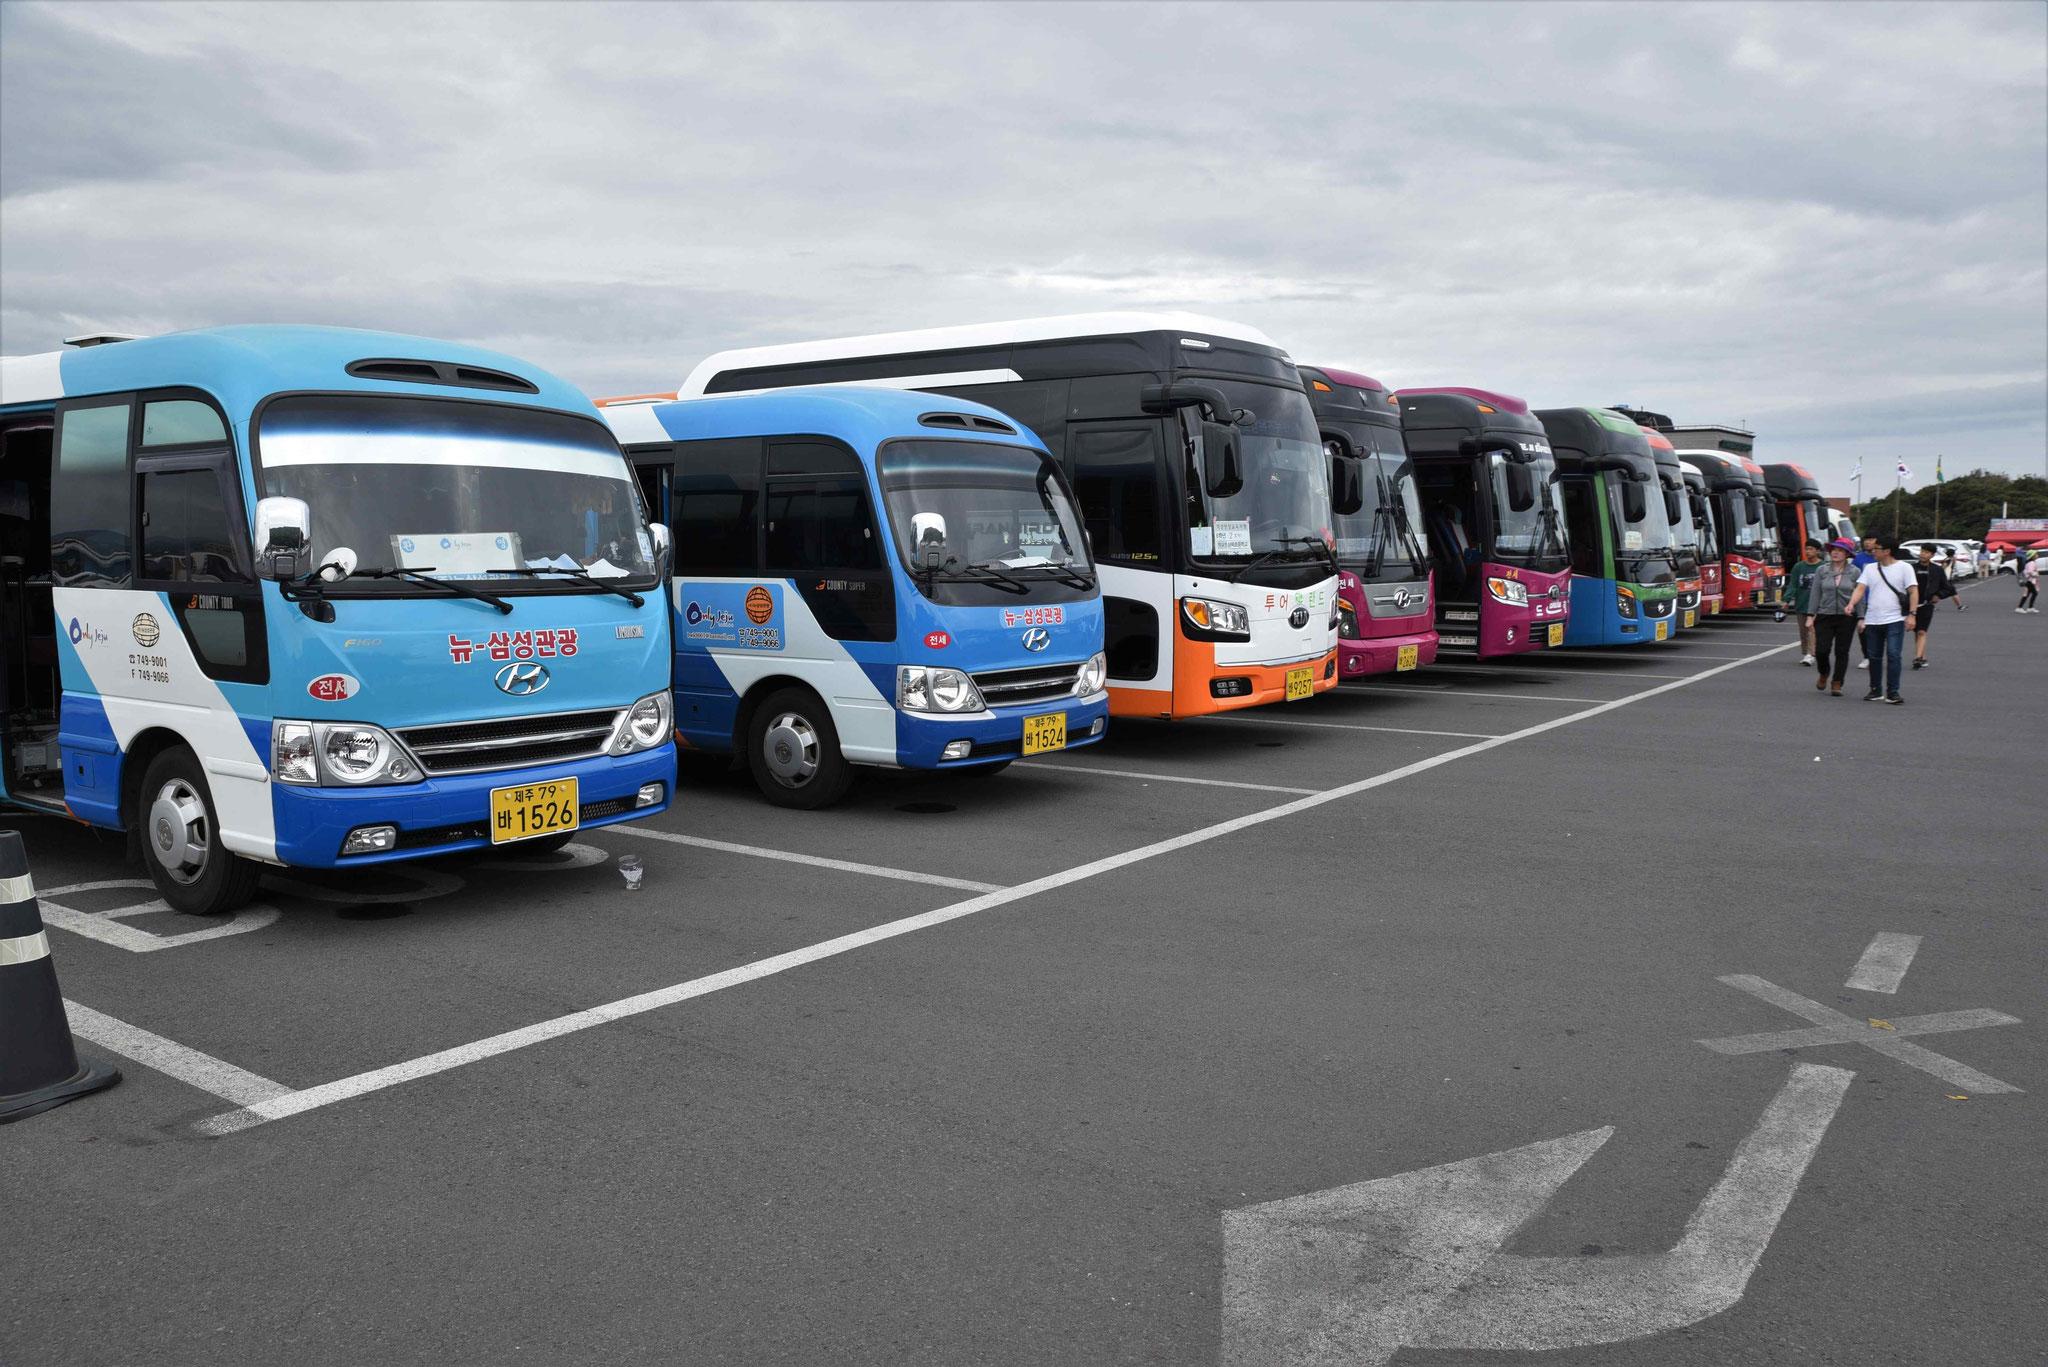 Der Buspark ist komplett gefülllt - und das in der Nebensaison!